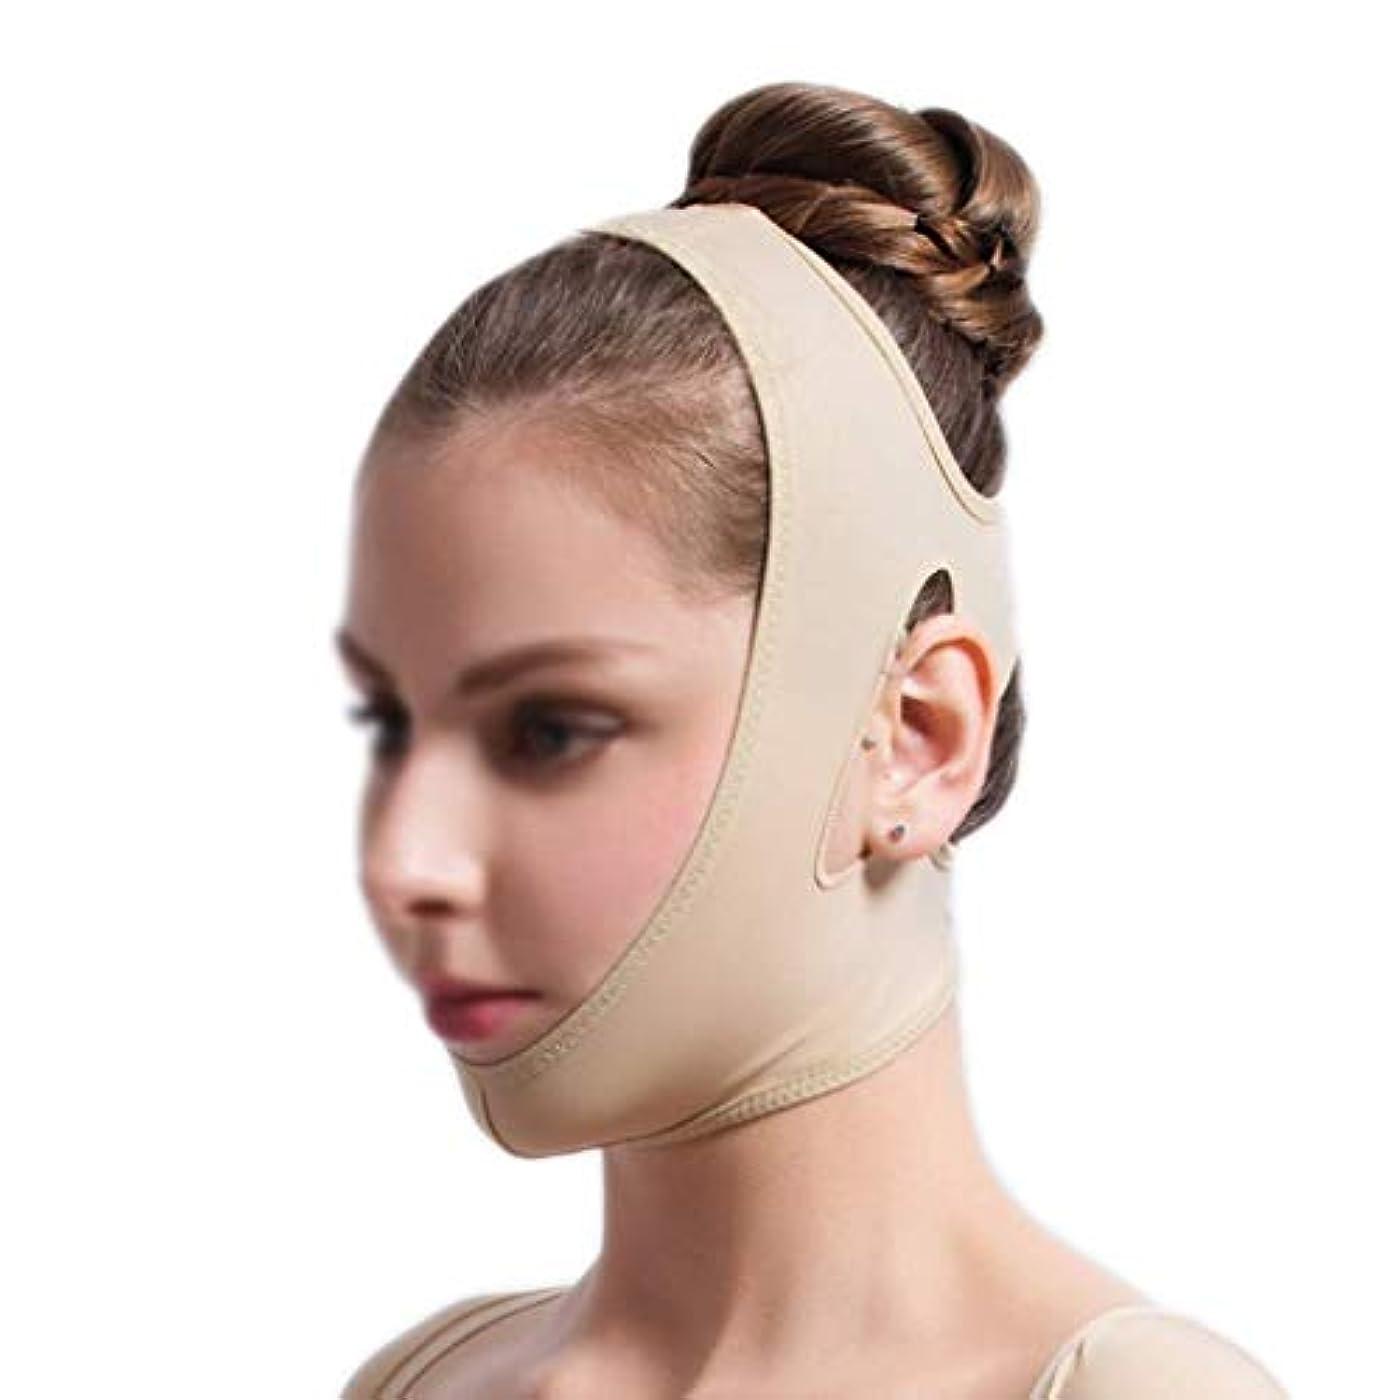 ピック無実無駄なフェイスリフティングバンデージ、フェイシャル減量マスク、フェイシャルリフティングスリミングベルト、痩身チークマスク(サイズ:S),XL